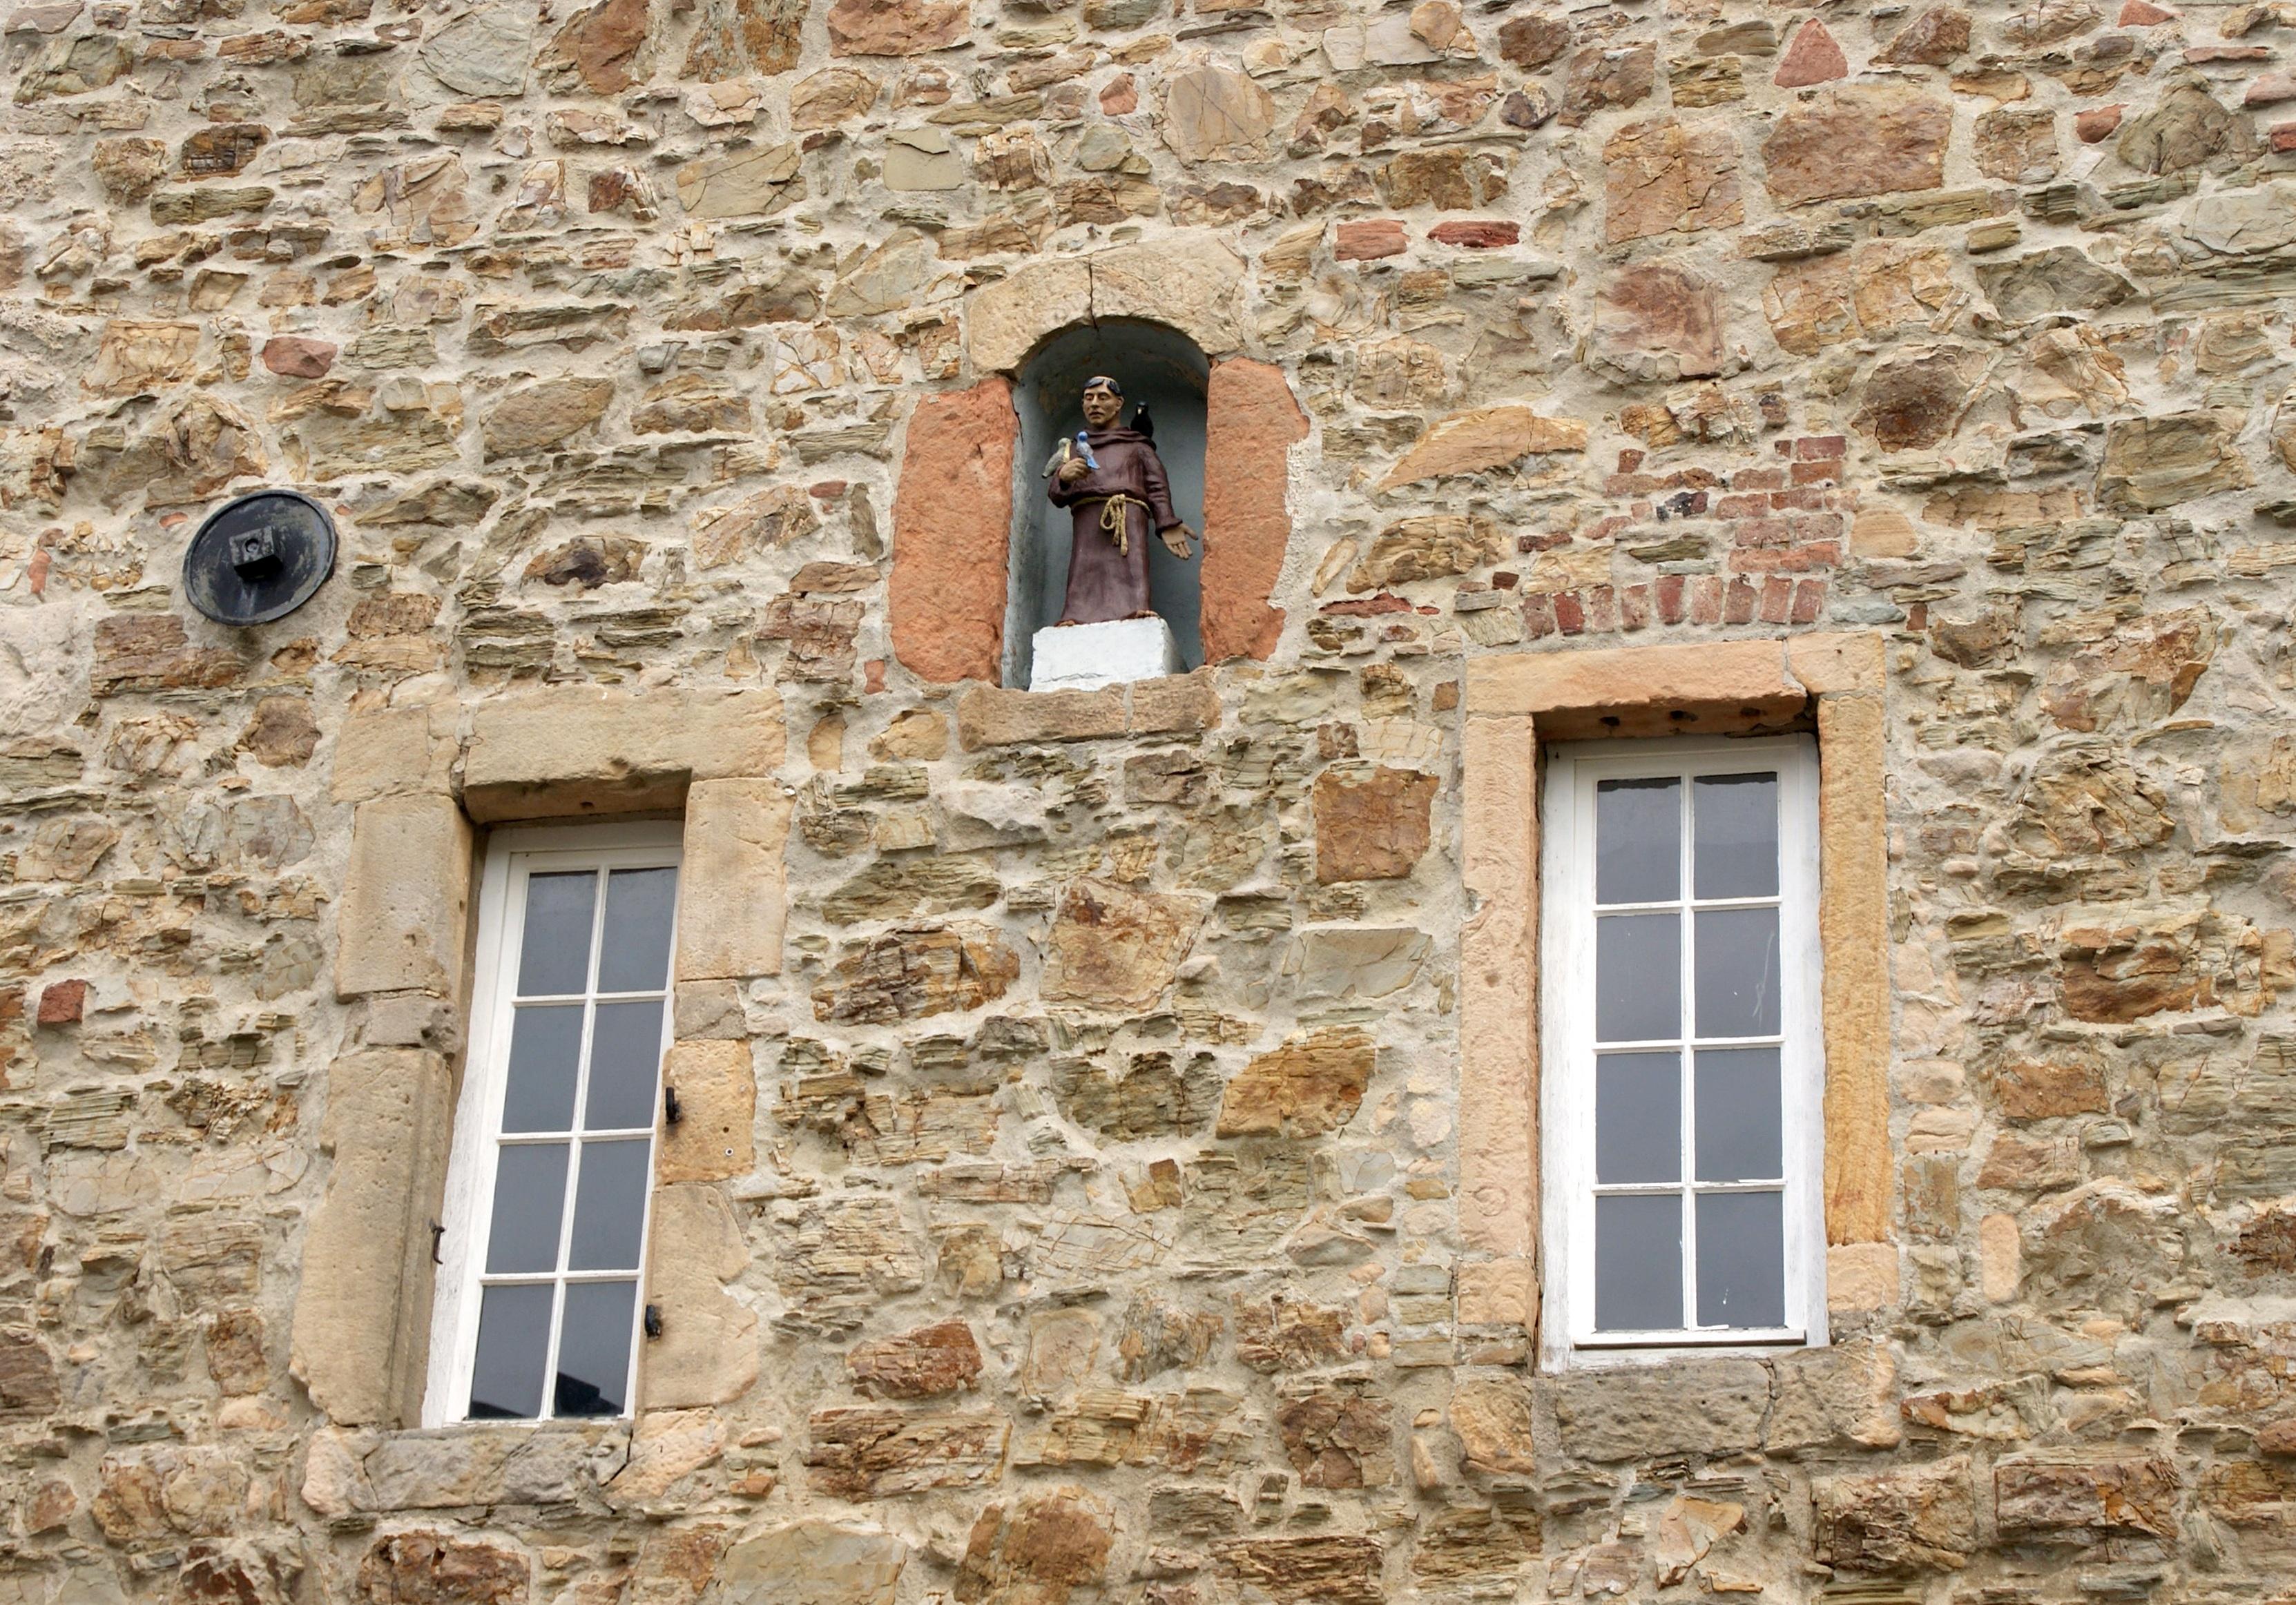 Casa Ventana Vaso Antiguo Casa Pared Piedra Estatua Cabaña Fachada  Propiedad Ladrillo Material Higo Alemania Ladrillos